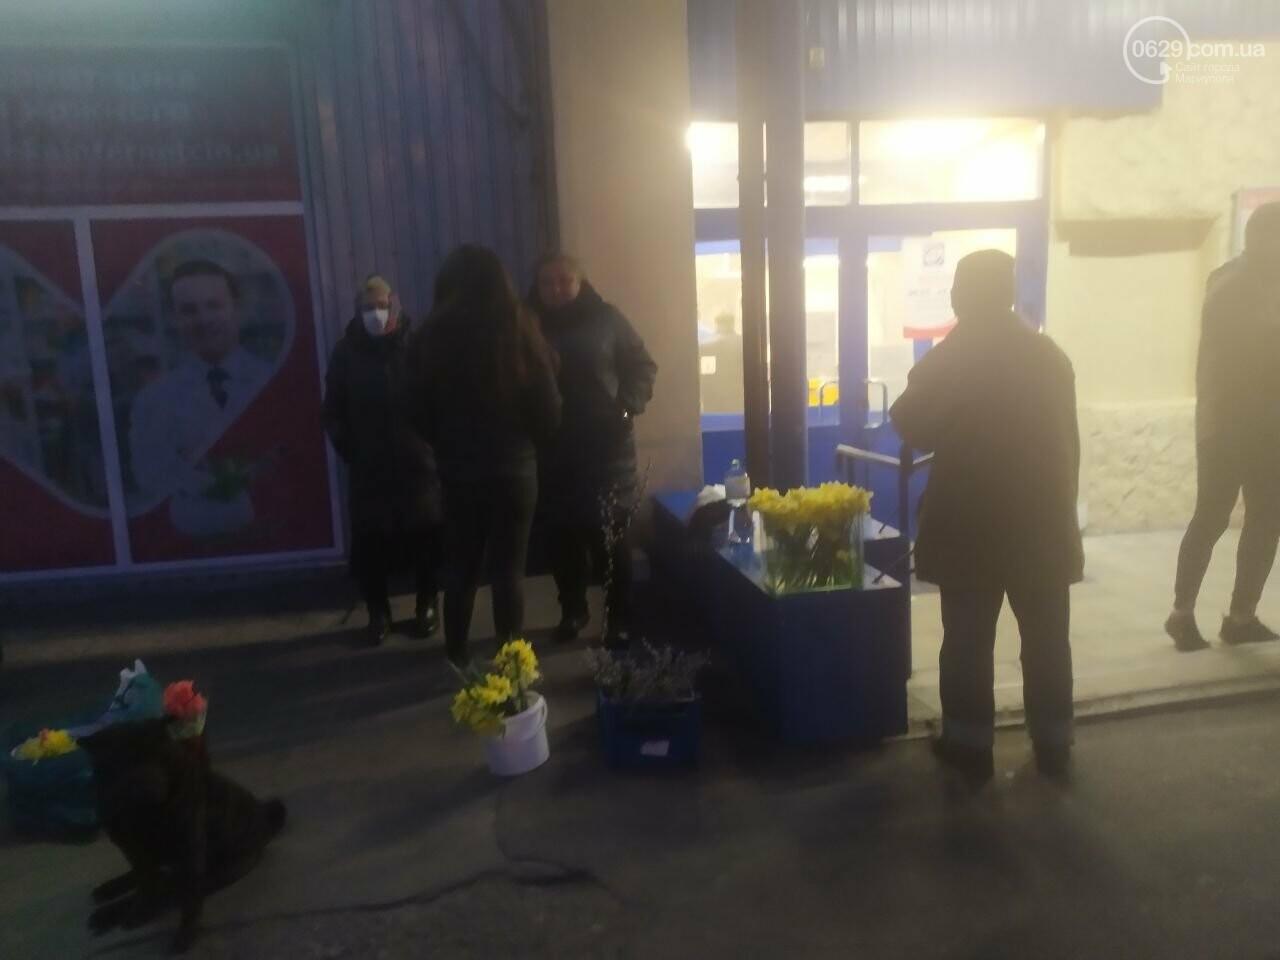 Уличная торговля во время карантина. В Мариуполе продавцы цветов устроили скандал с полицейскими, - ВИДЕО, фото-3